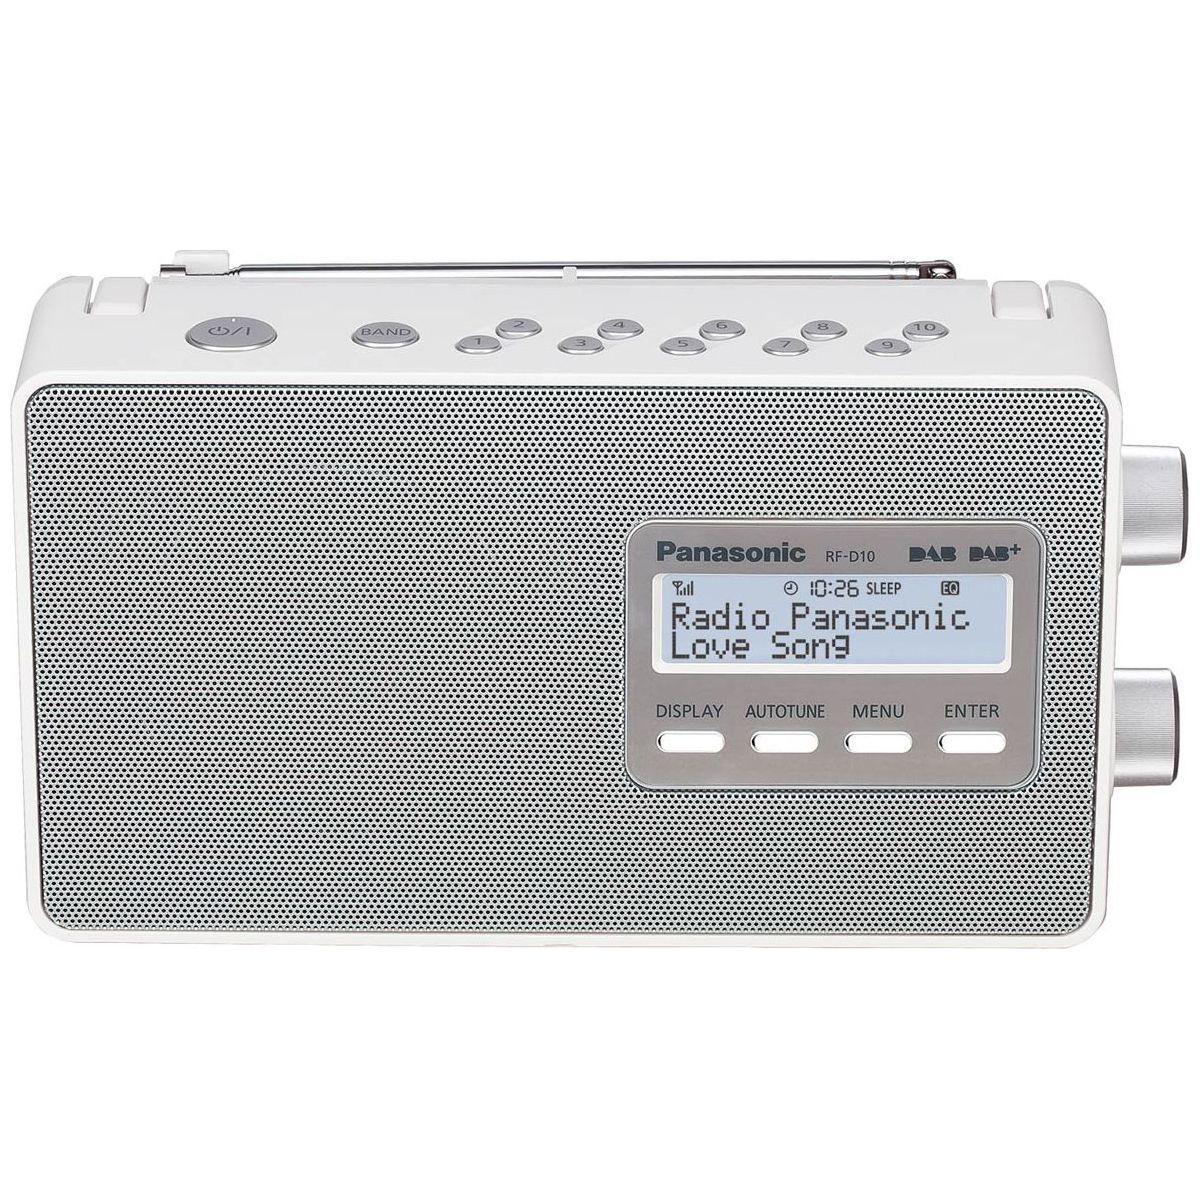 Radio num�rique panasonic rf-d10 blanche - 2% de remise imm�diate avec le code : autom